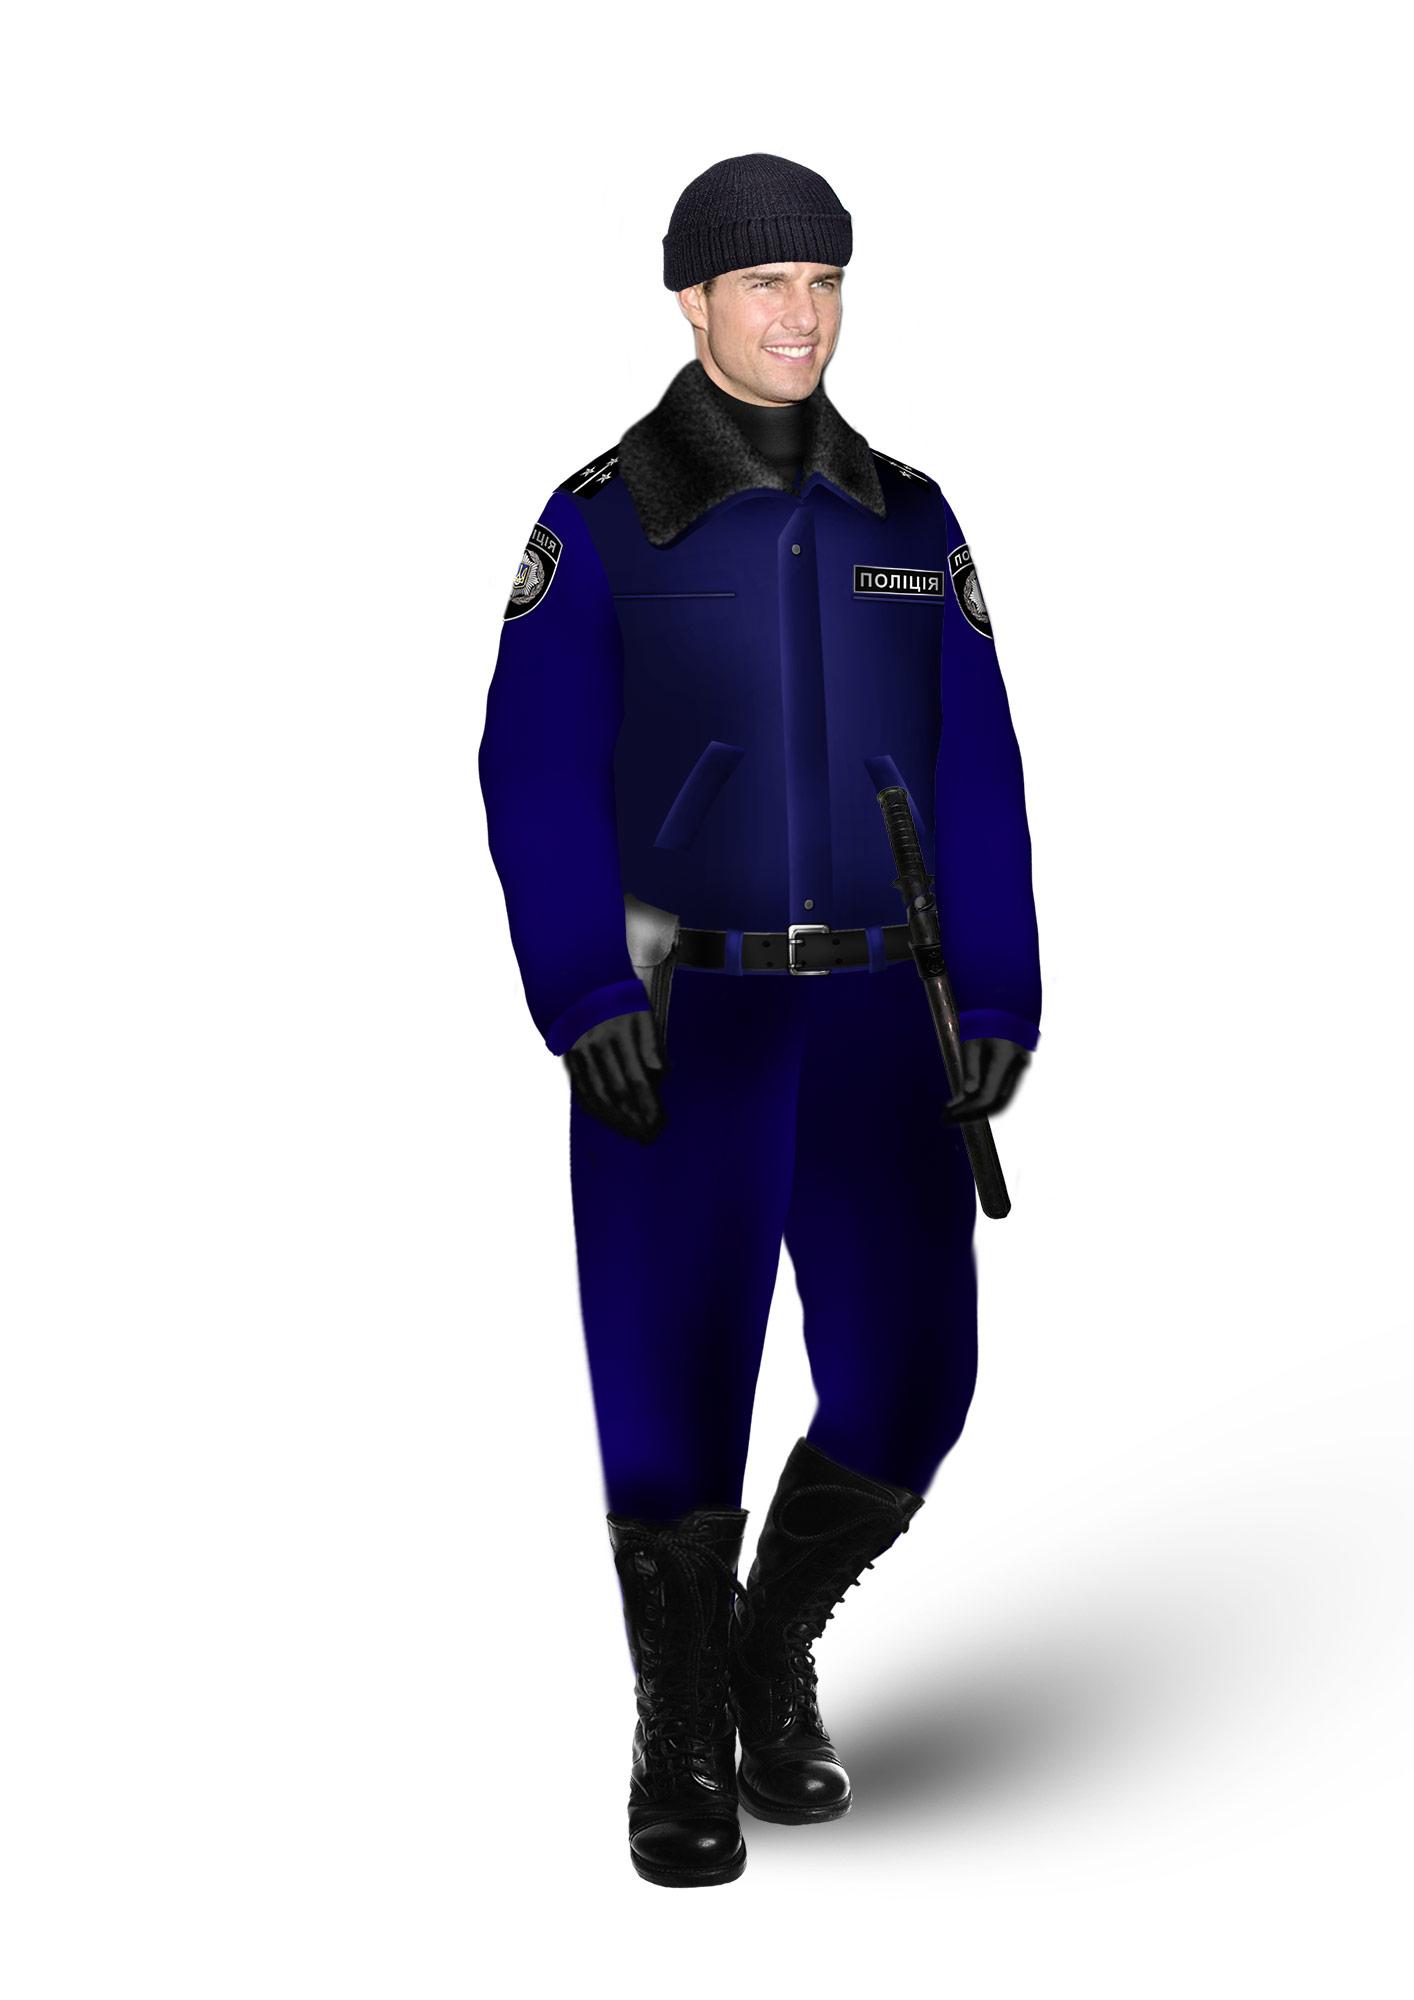 Запропонована форма для української поліції. Фото надано виробничим концерном «Воєнторг ДіСі»